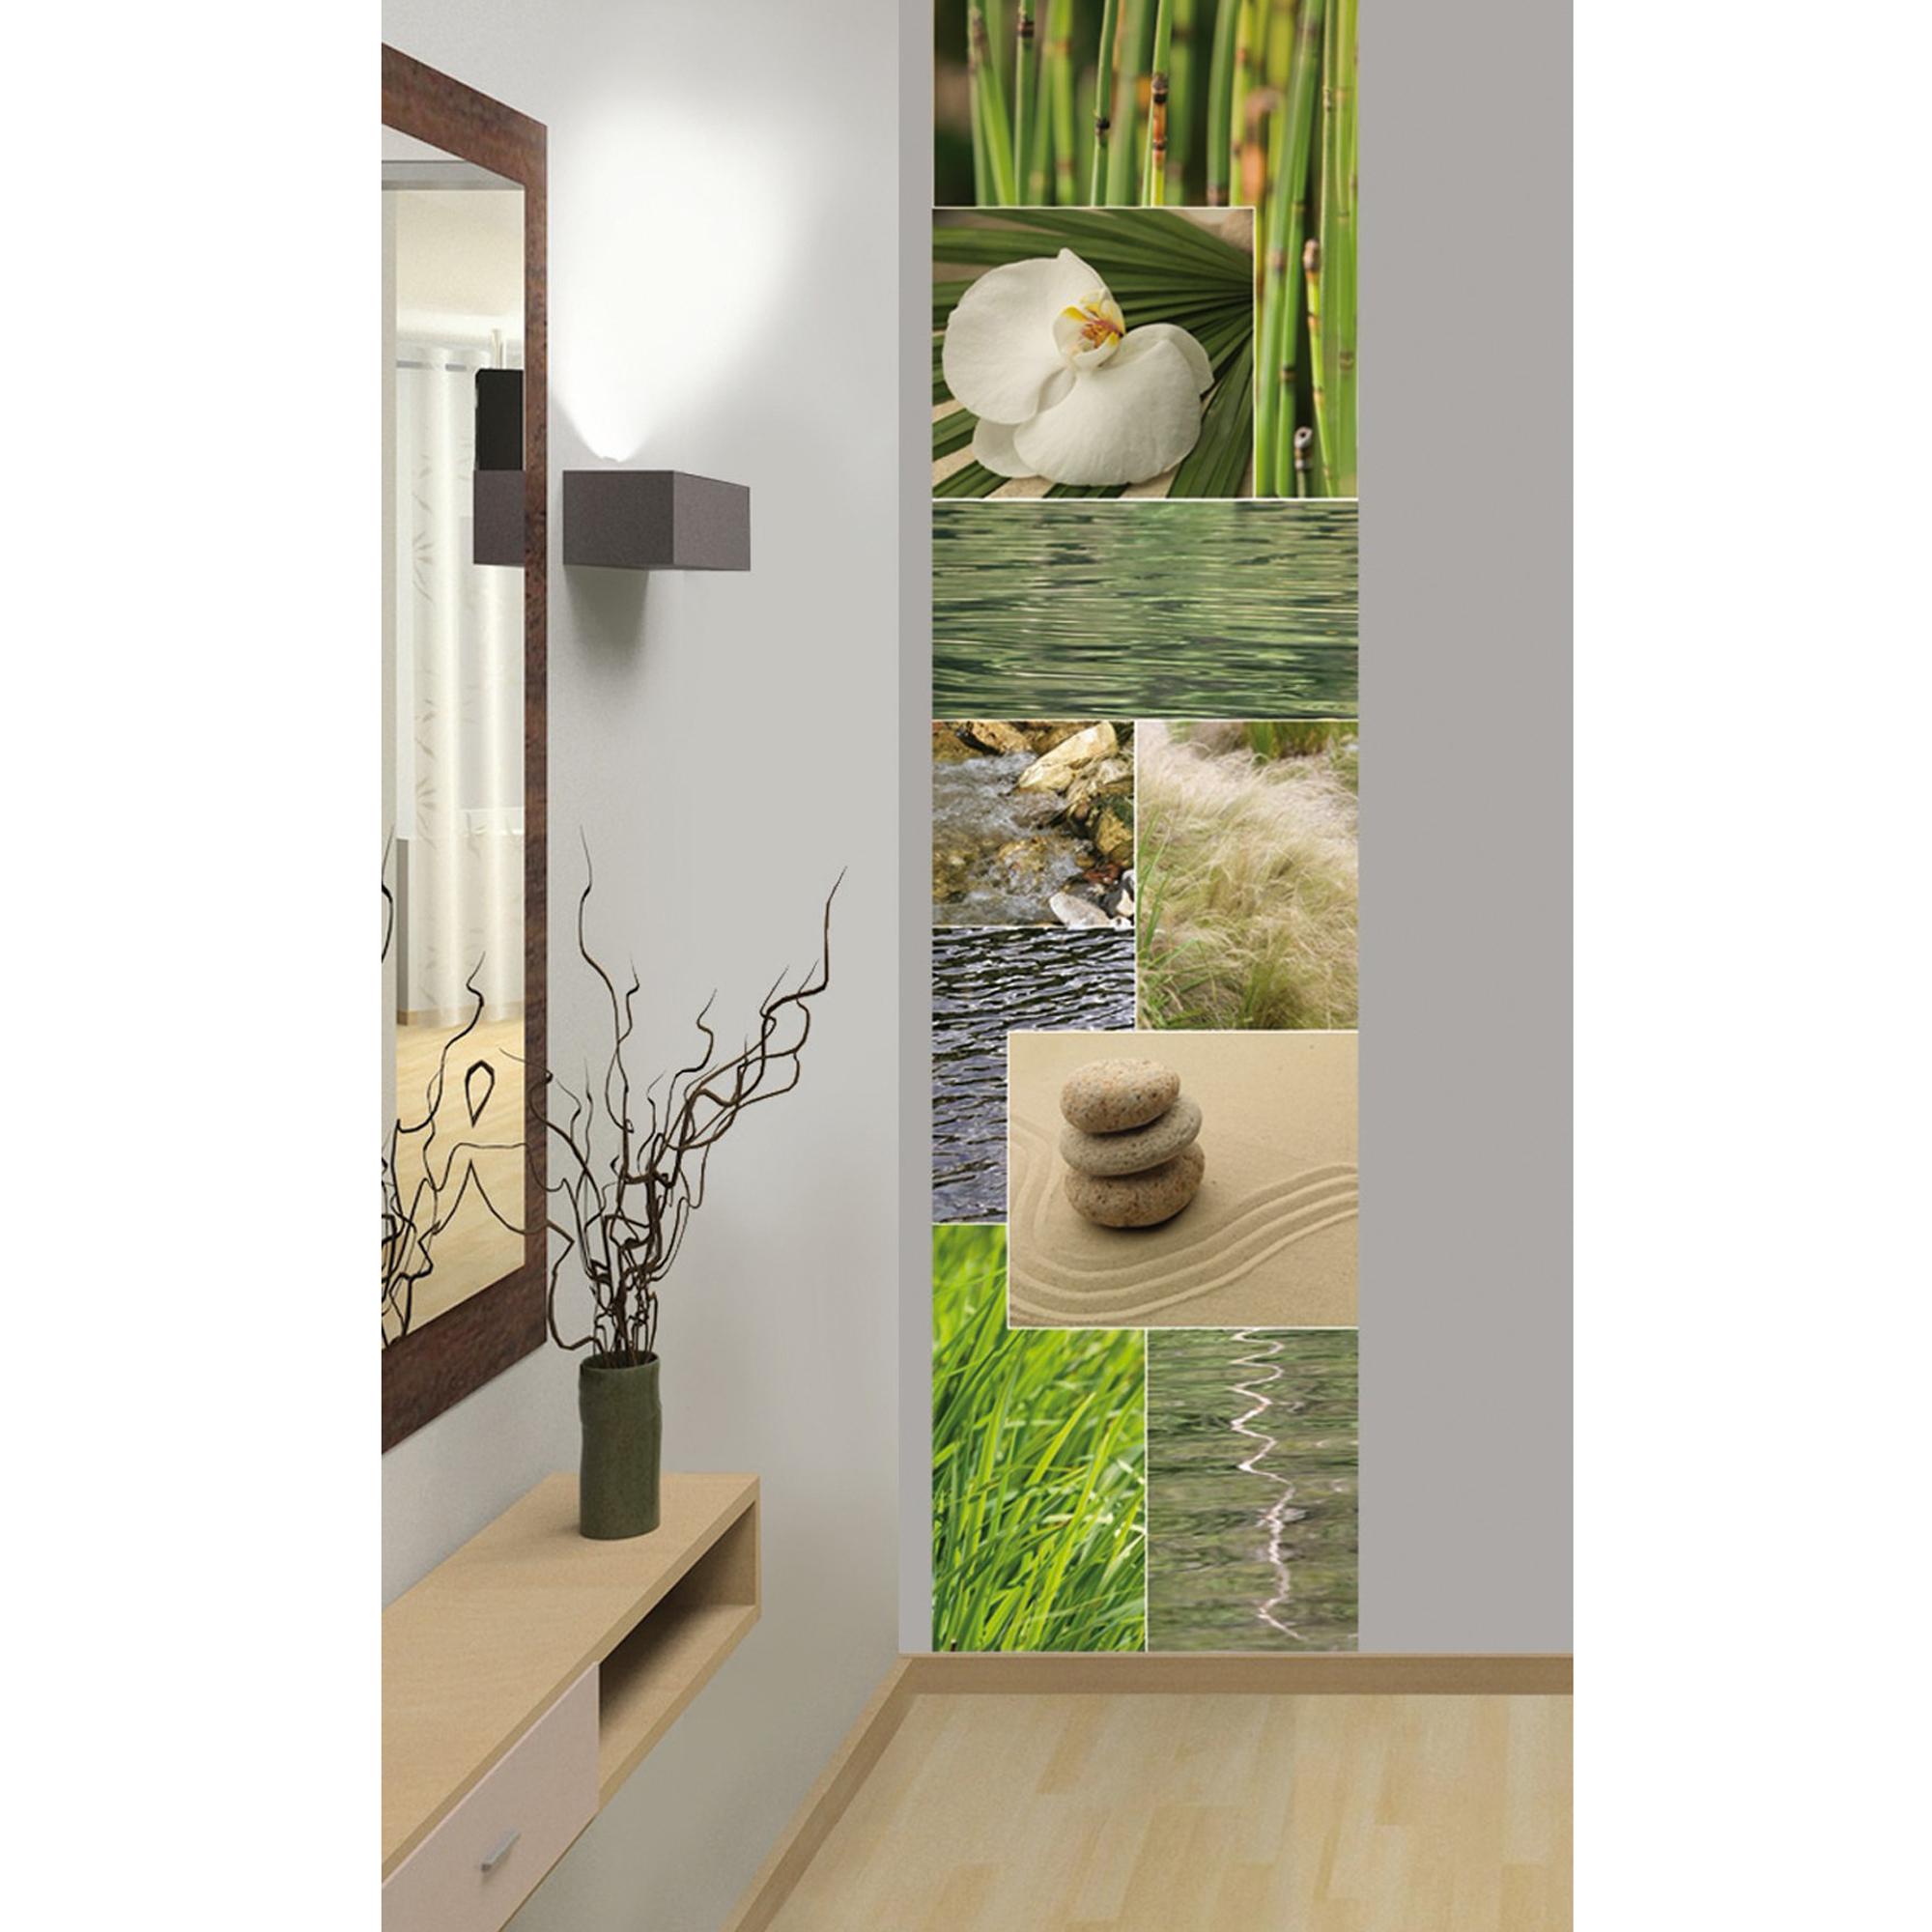 Sticker panneau de décoration zen 60 x 240 cm - Acheter ce produit au ...